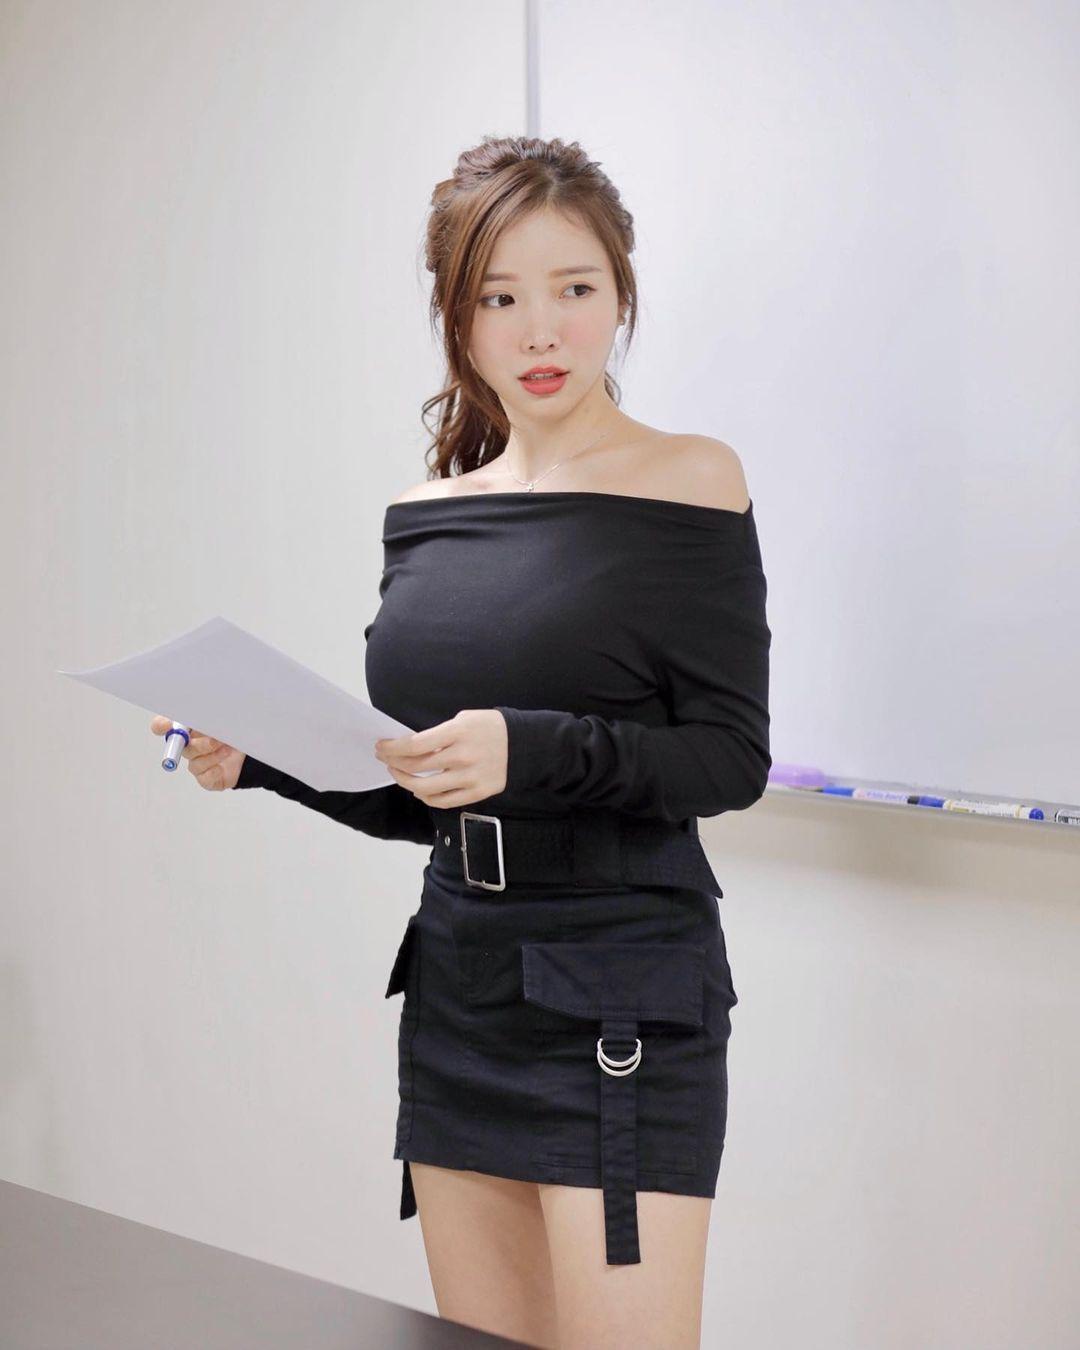 英文老师蓝星蕾身材太好穿迷你裙上课 吃瓜基地 第5张